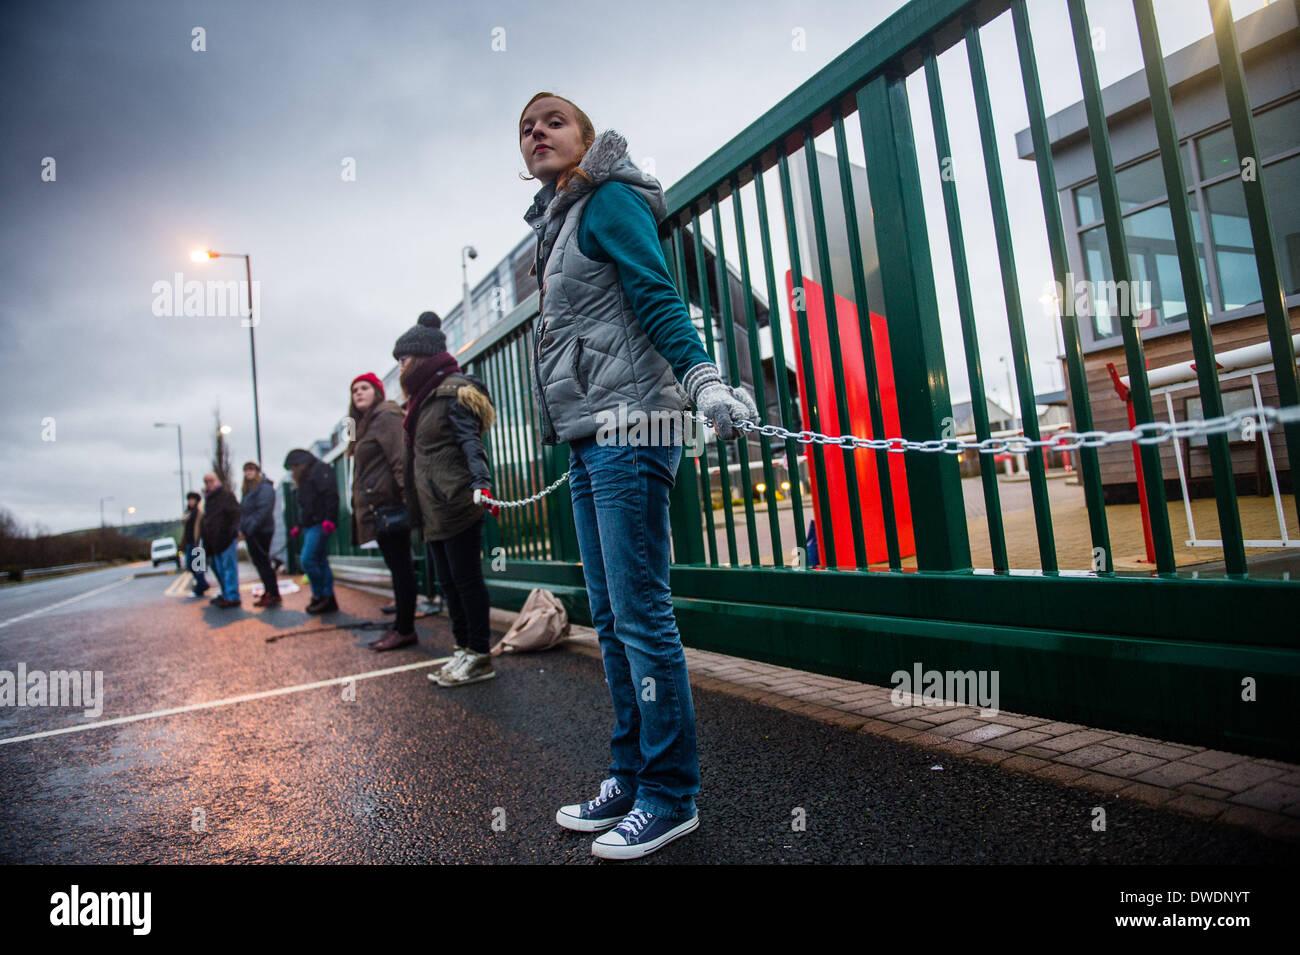 Gales Aberystwyth, Reino Unido Jueves 6 de marzo de 2014 miembros de 'Cymdeithas yr Iaith' (la Sociedad de la Lengua Galesa) Grupo de protesta se encadenaron a las puertas de la entrada principal del Gobierno de Gales Aberystwyth en oficinas regionales en las primeras horas del jueves 6 de marzo de 2014. La acción es parte de una serie de activistas de idioma estará organizando durante la primavera de 2000, en respuesta a la crisis en el número de oradores galés en Gales reveló los resultados del censo publicado hace un año, y lo que dicen es la falta de liderazgo y la respuesta de política del Gobierno galés. Crédito: Keith morris/Alamy Live Imagen De Stock